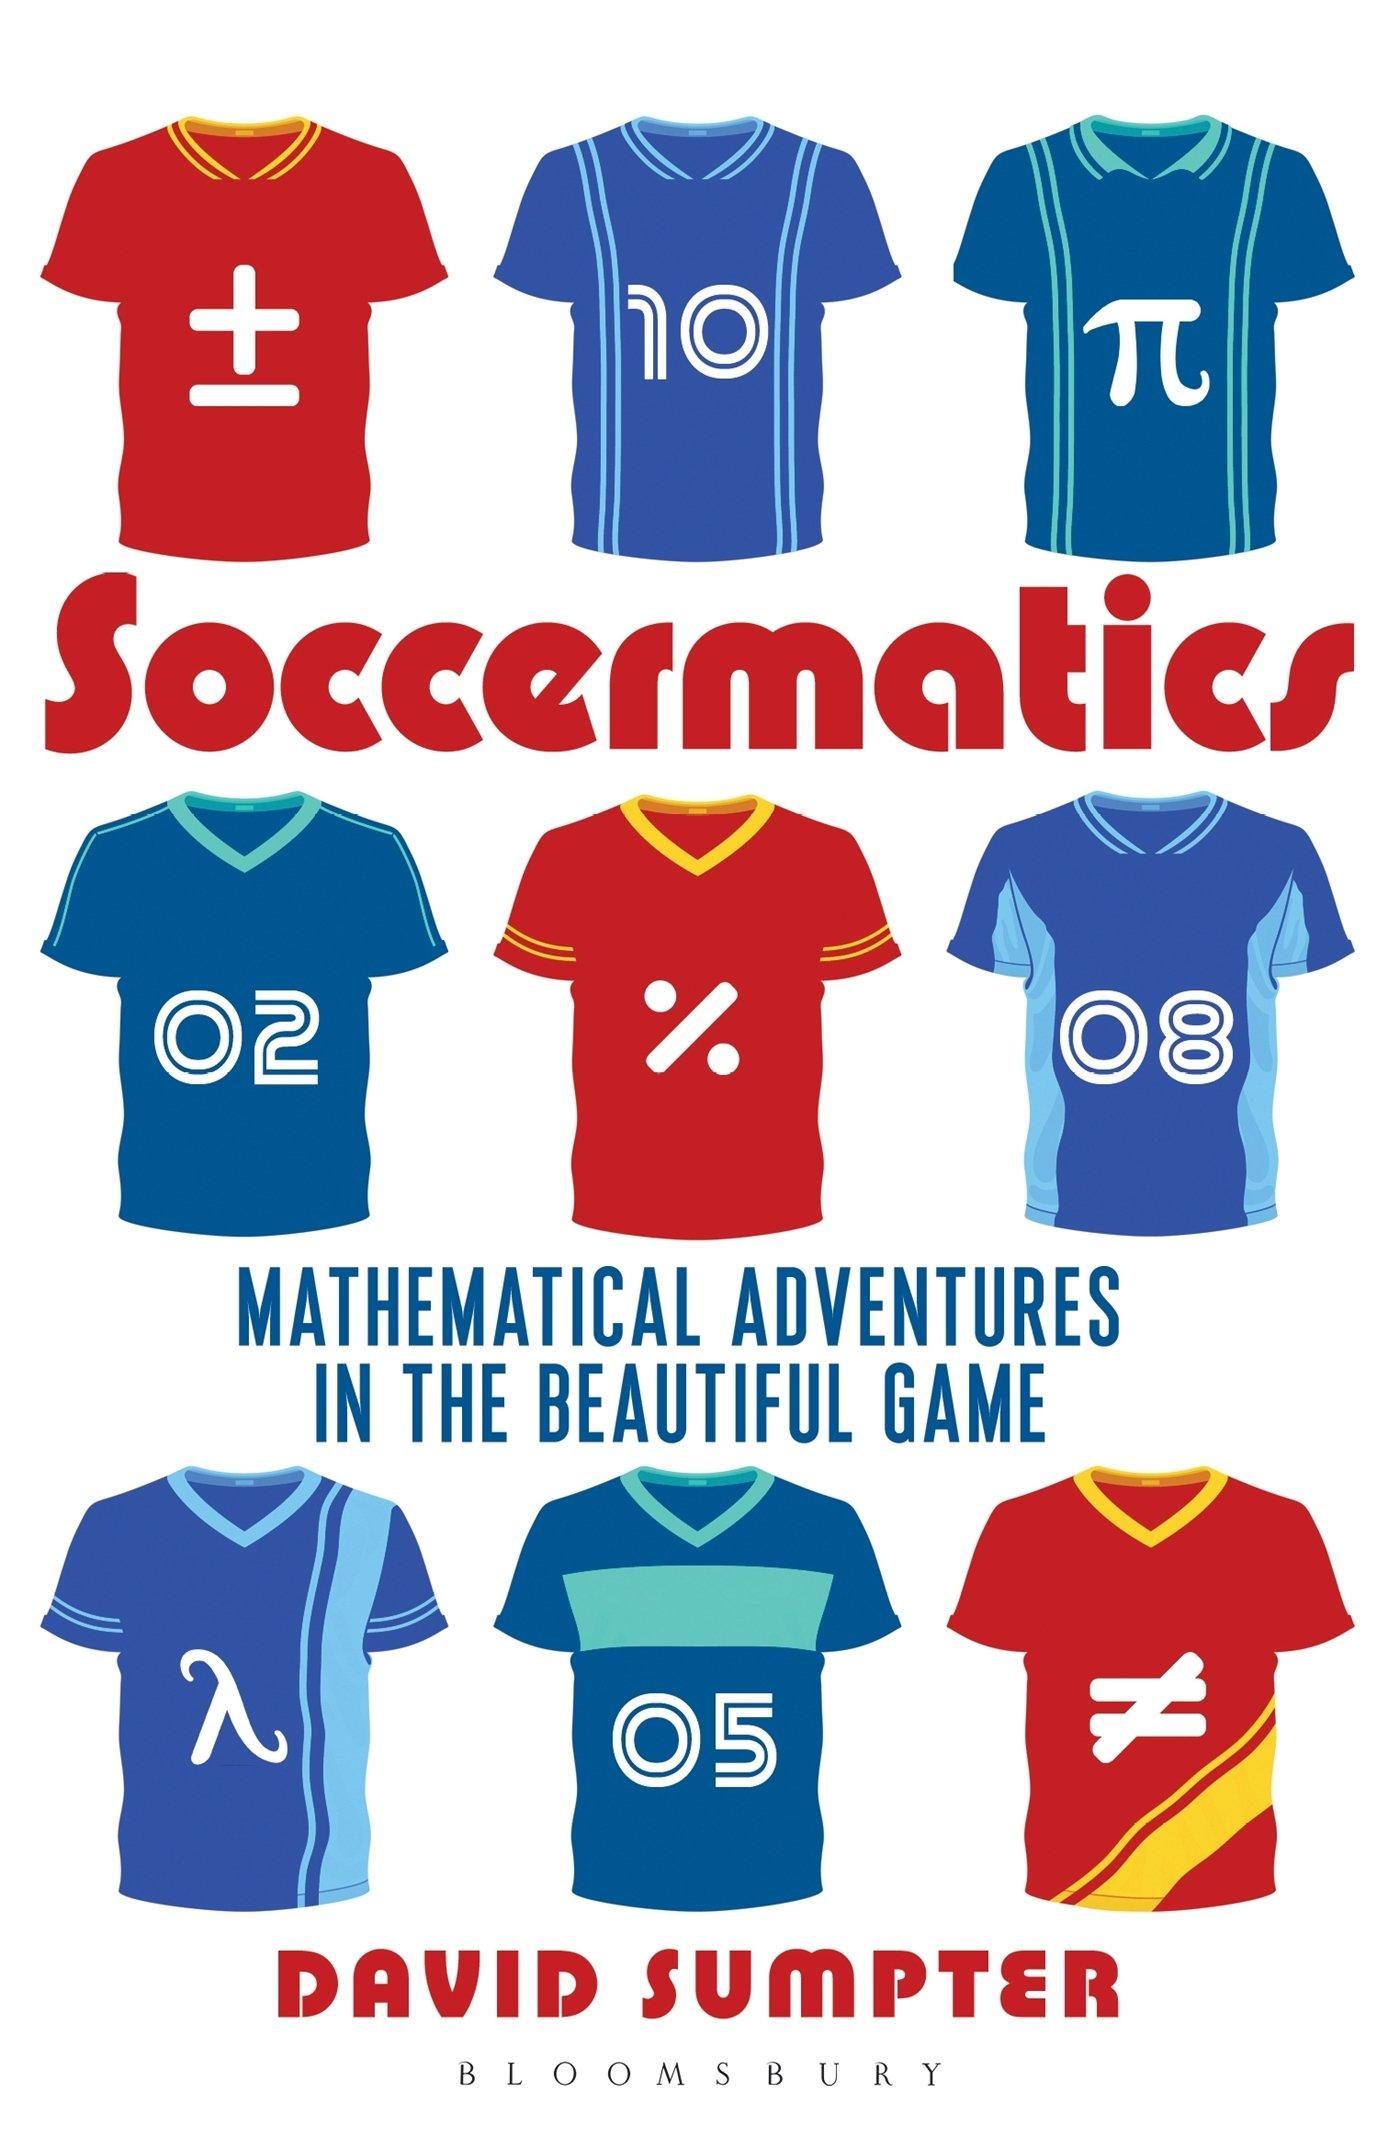 Рецензия на книгу: чему игроки могут научиться у Soccermatics?